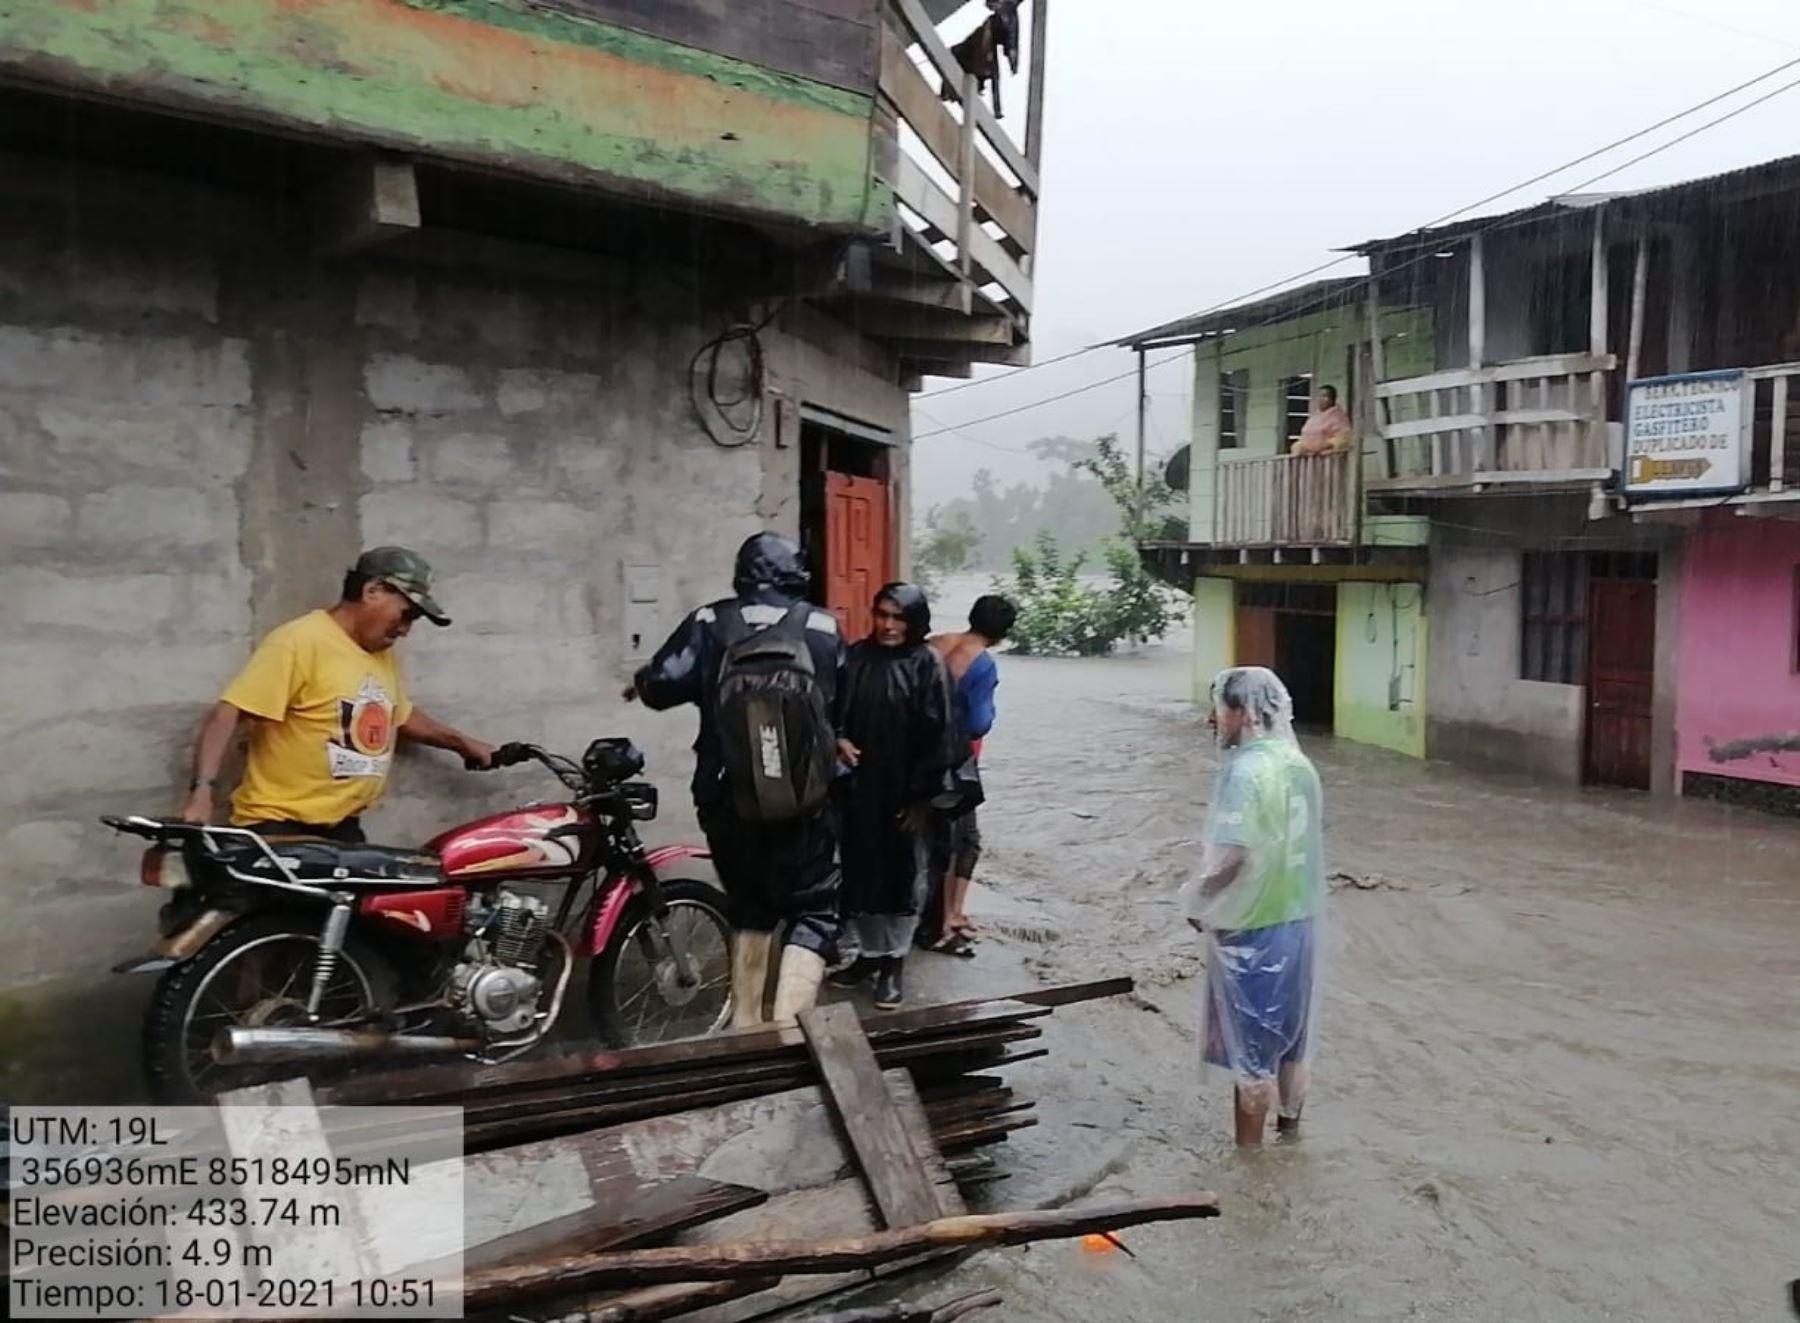 Lluvias intensas causan daños en decenas de viviendas en la provincia de Carabaya, región Puno, informó el Indeci. Foto: ANDINA/difusión.